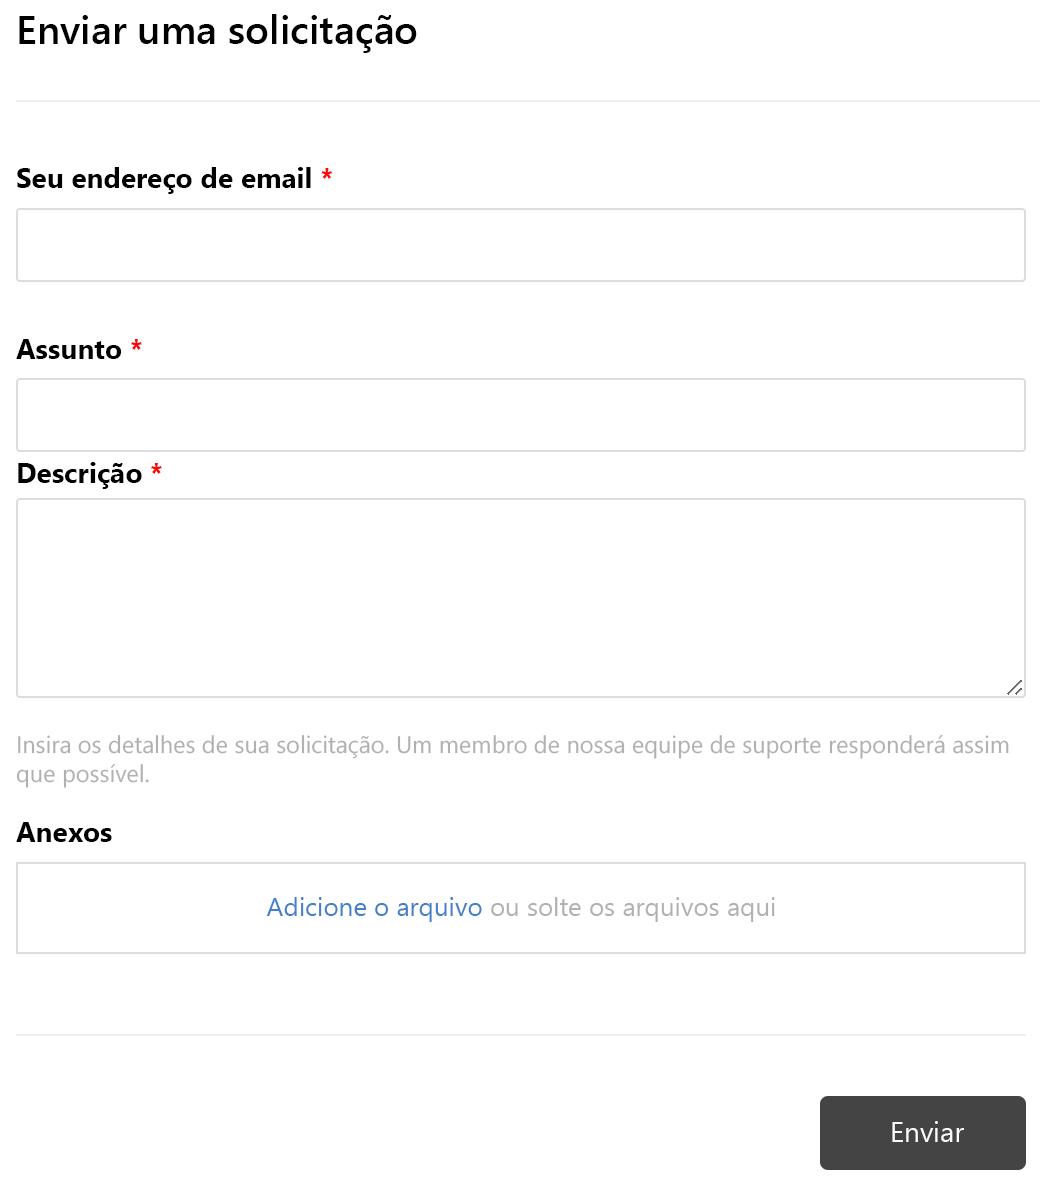 Formulário Enviar solicitação